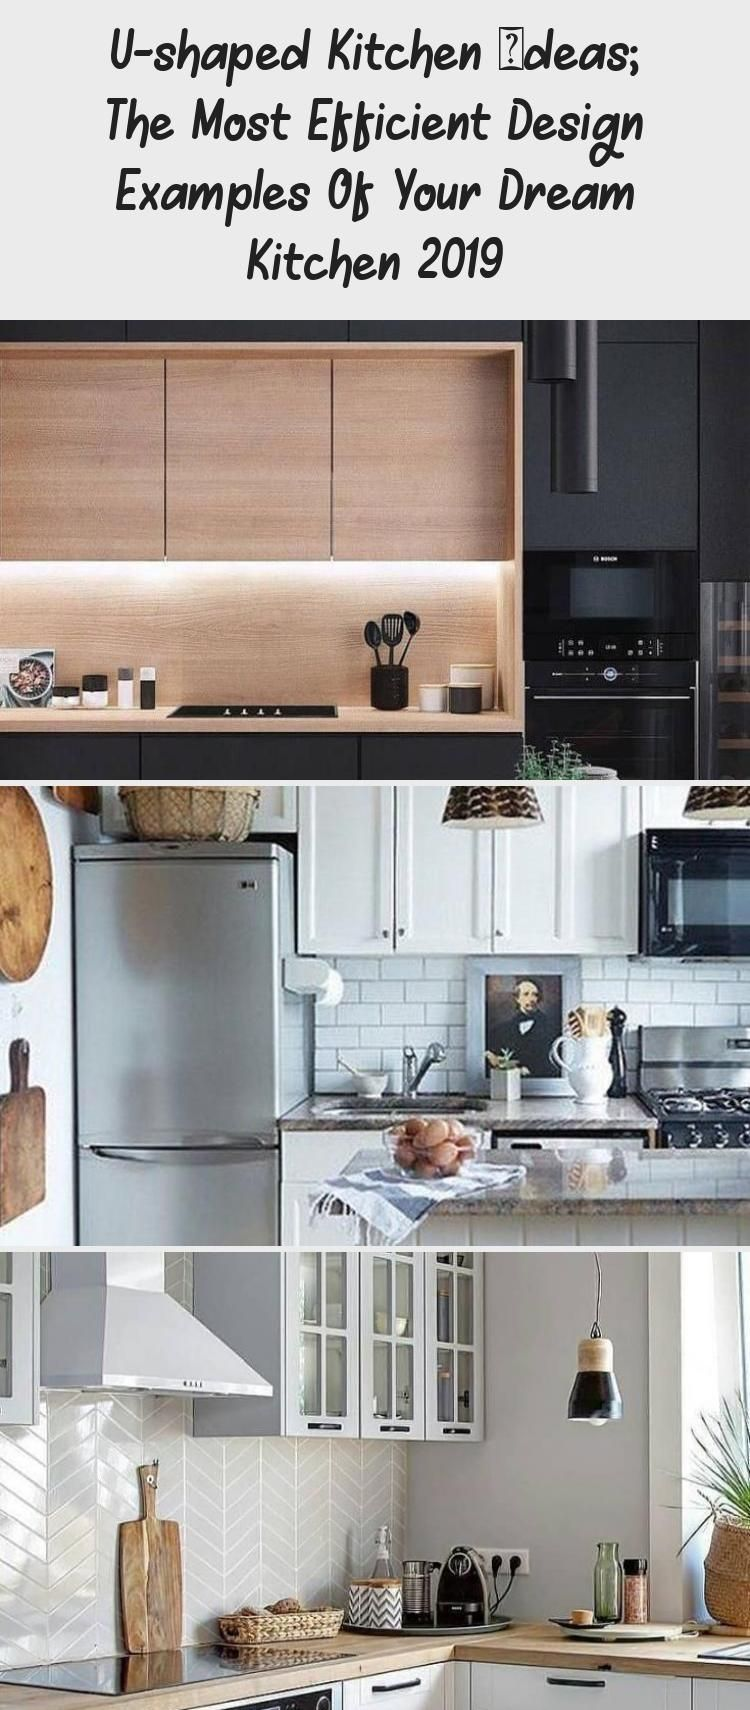 kitchen ideas kitchen remodel kitchen cabinets kitchen decor kitchen organization on u kitchen remodel id=59007